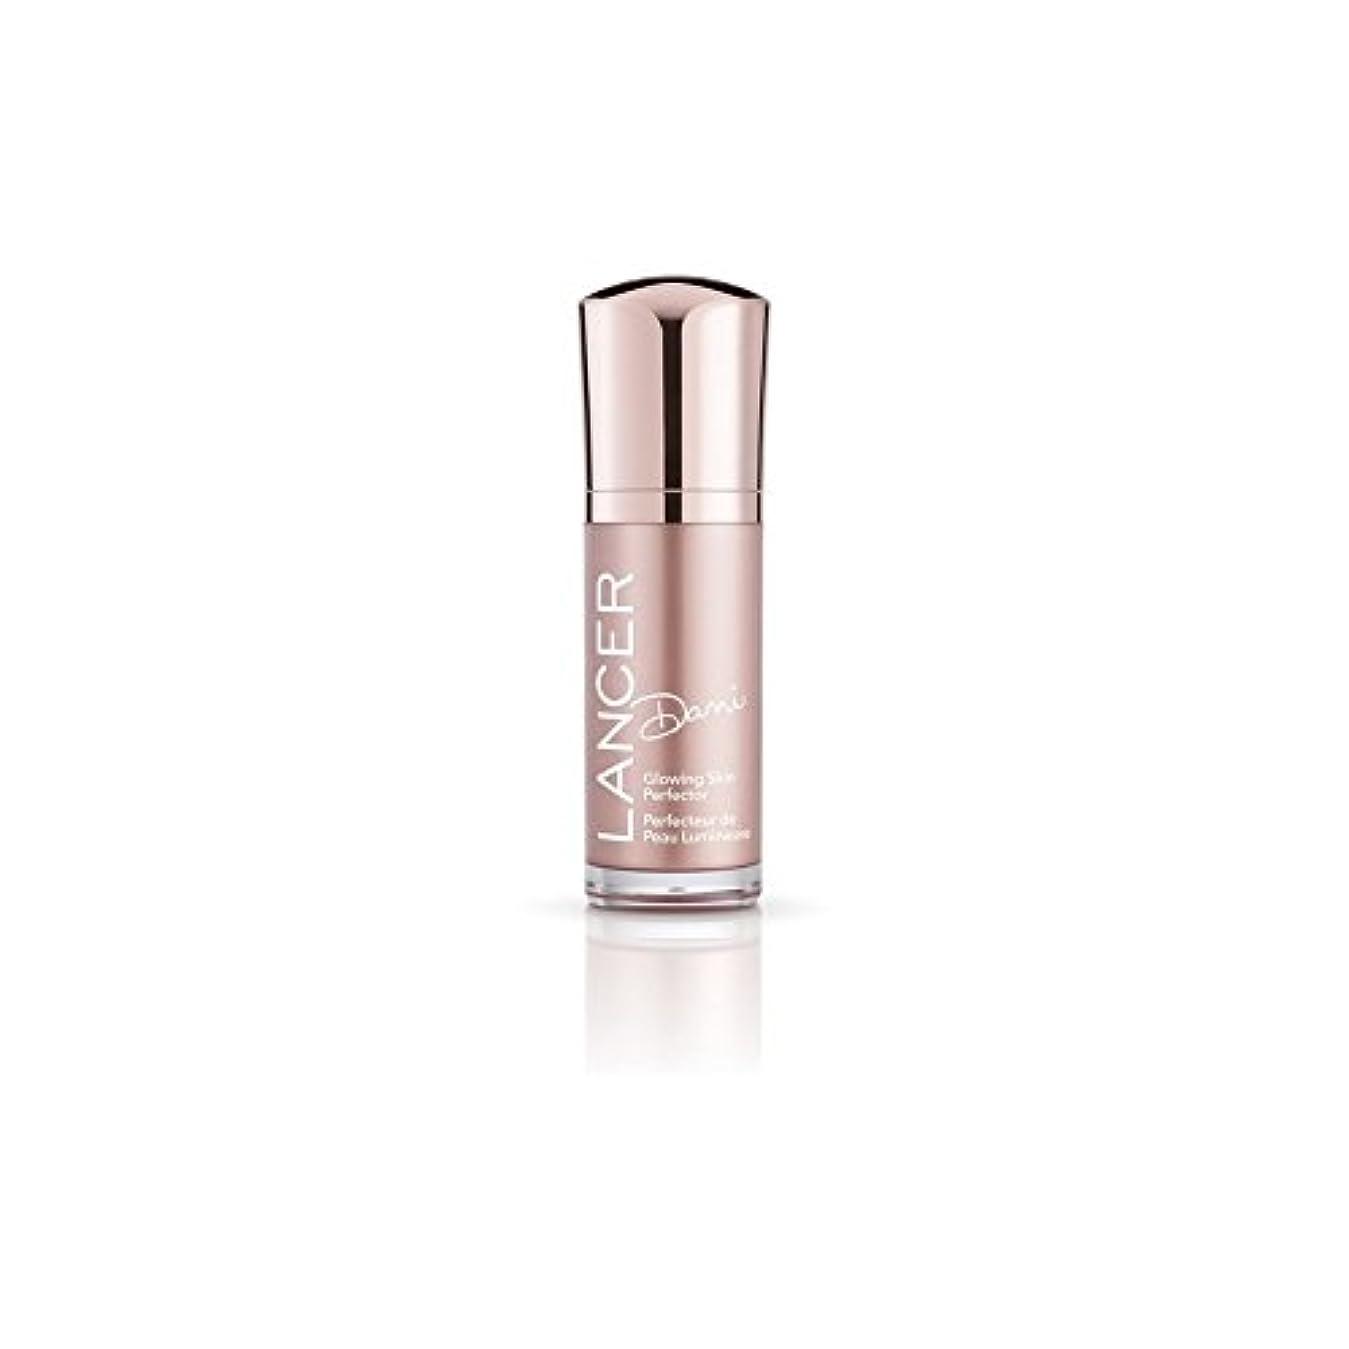 意志に反する暴君センブランスLancer Skincare Dani Glowing Skin Perfector (30ml) (Pack of 6) - スキンパーフェク輝くランサースキンケアダニ(30ミリリットル) x6 [並行輸入品]